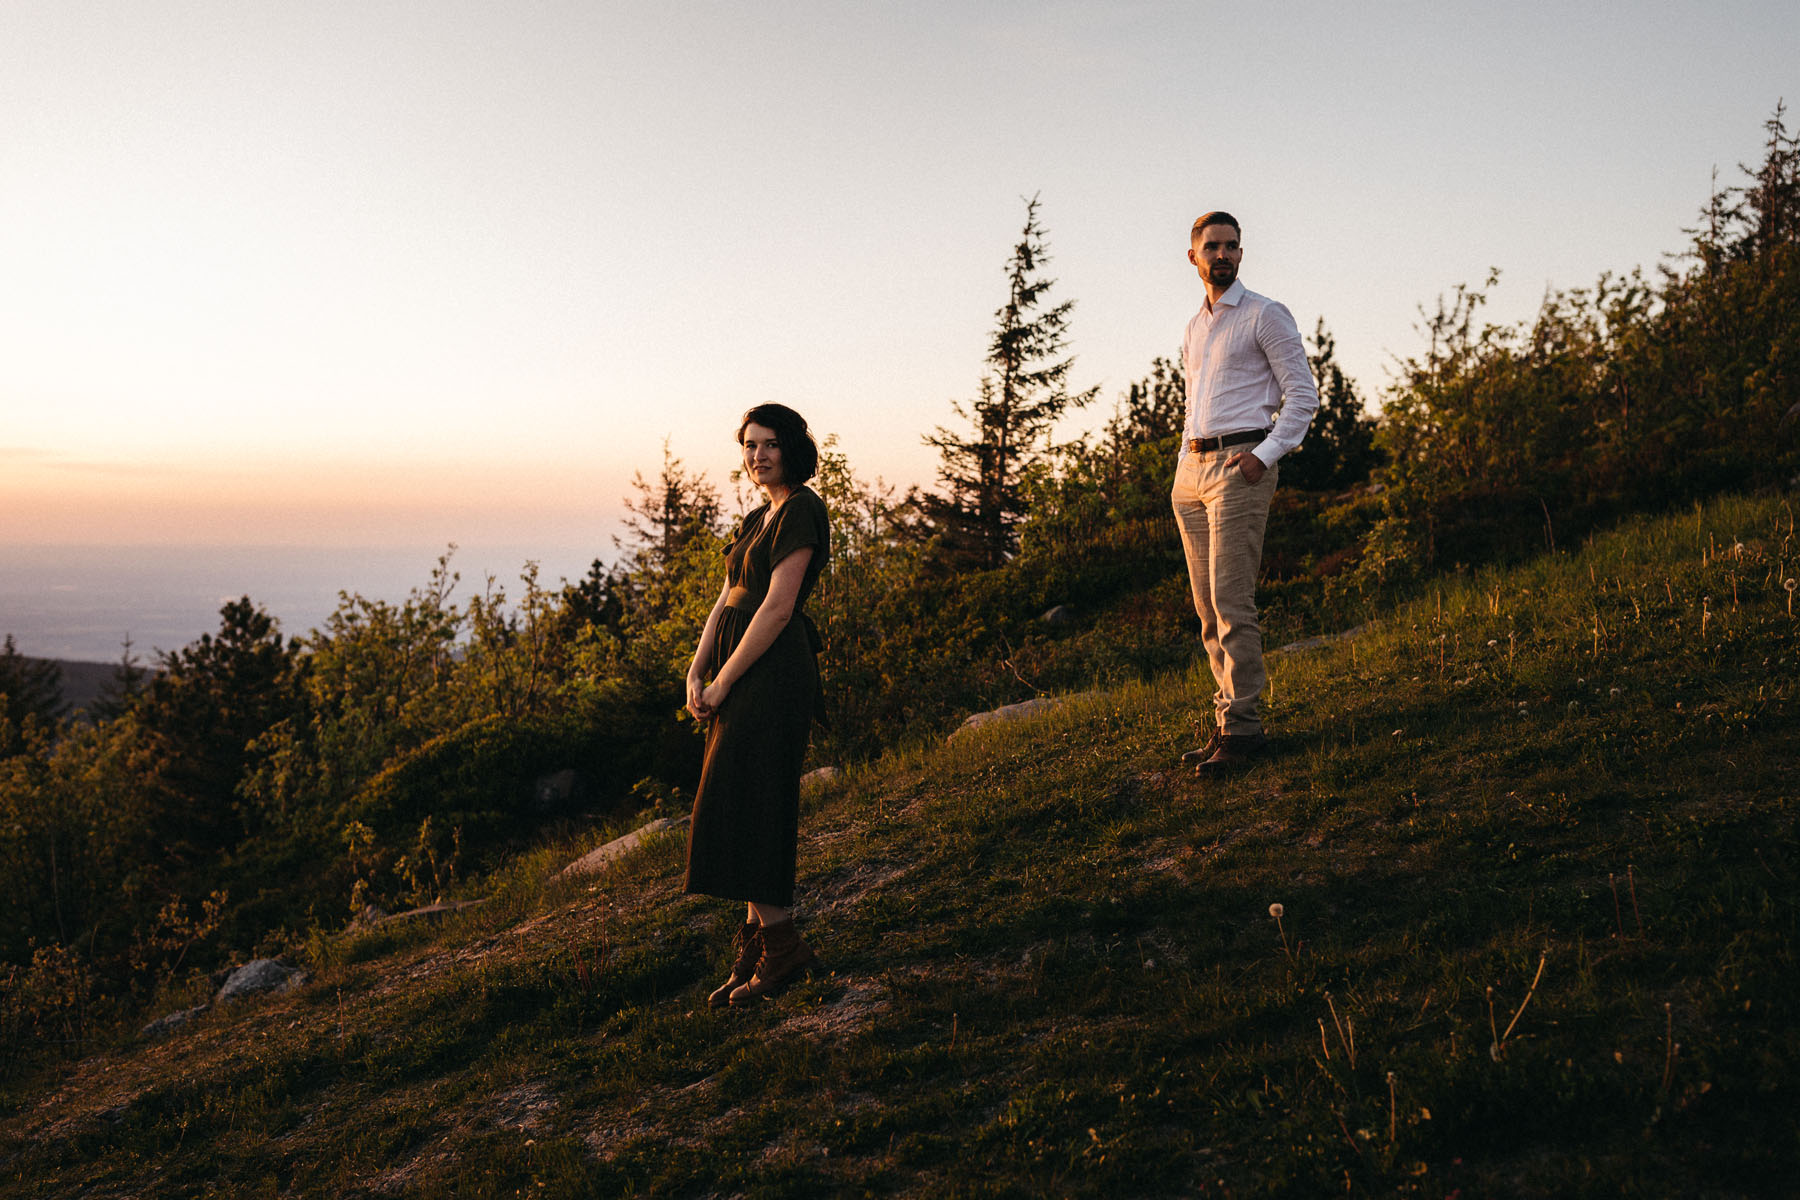 raissa simon fotografie engagement shooting schwarzwald 040 - Nicole + Mathias